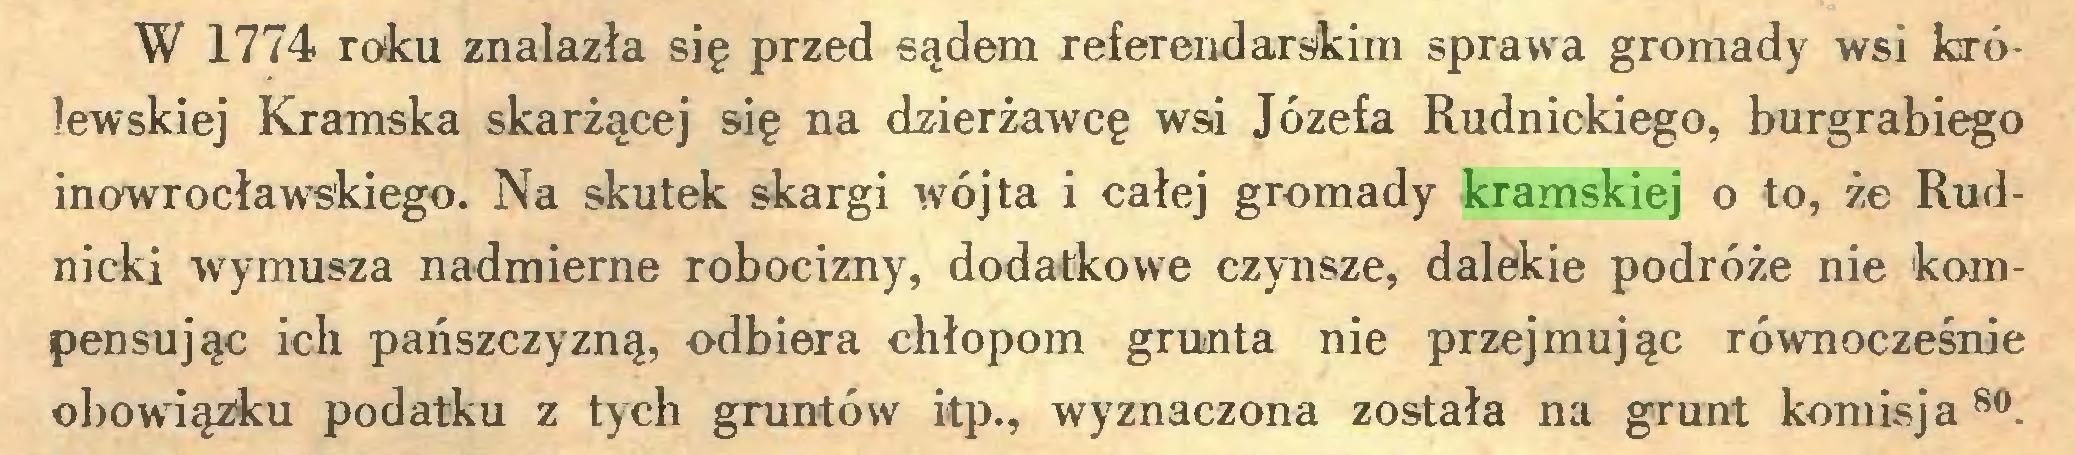 (...) W 1774 roku znalazła się przed sądem referendarskim sprawa gromady wsi królewskiej Kramska skarżącej się na dzierżawcę wsi Józefa Rudnickiego, burgrabiego inowrocławskiego. Na skutek skargi wójta i całej gromady kramskiej o to, że Rudnicki wymusza nadmierne robocizny, dodatkowe czynsze, dalekie podróże nie kompensując ich pańszczyzną, odbiera chłopom grunta nie przejmując równocześnie obowiązku podatku z tych gruntów itp., wyznaczona została na grunt komisja 80...